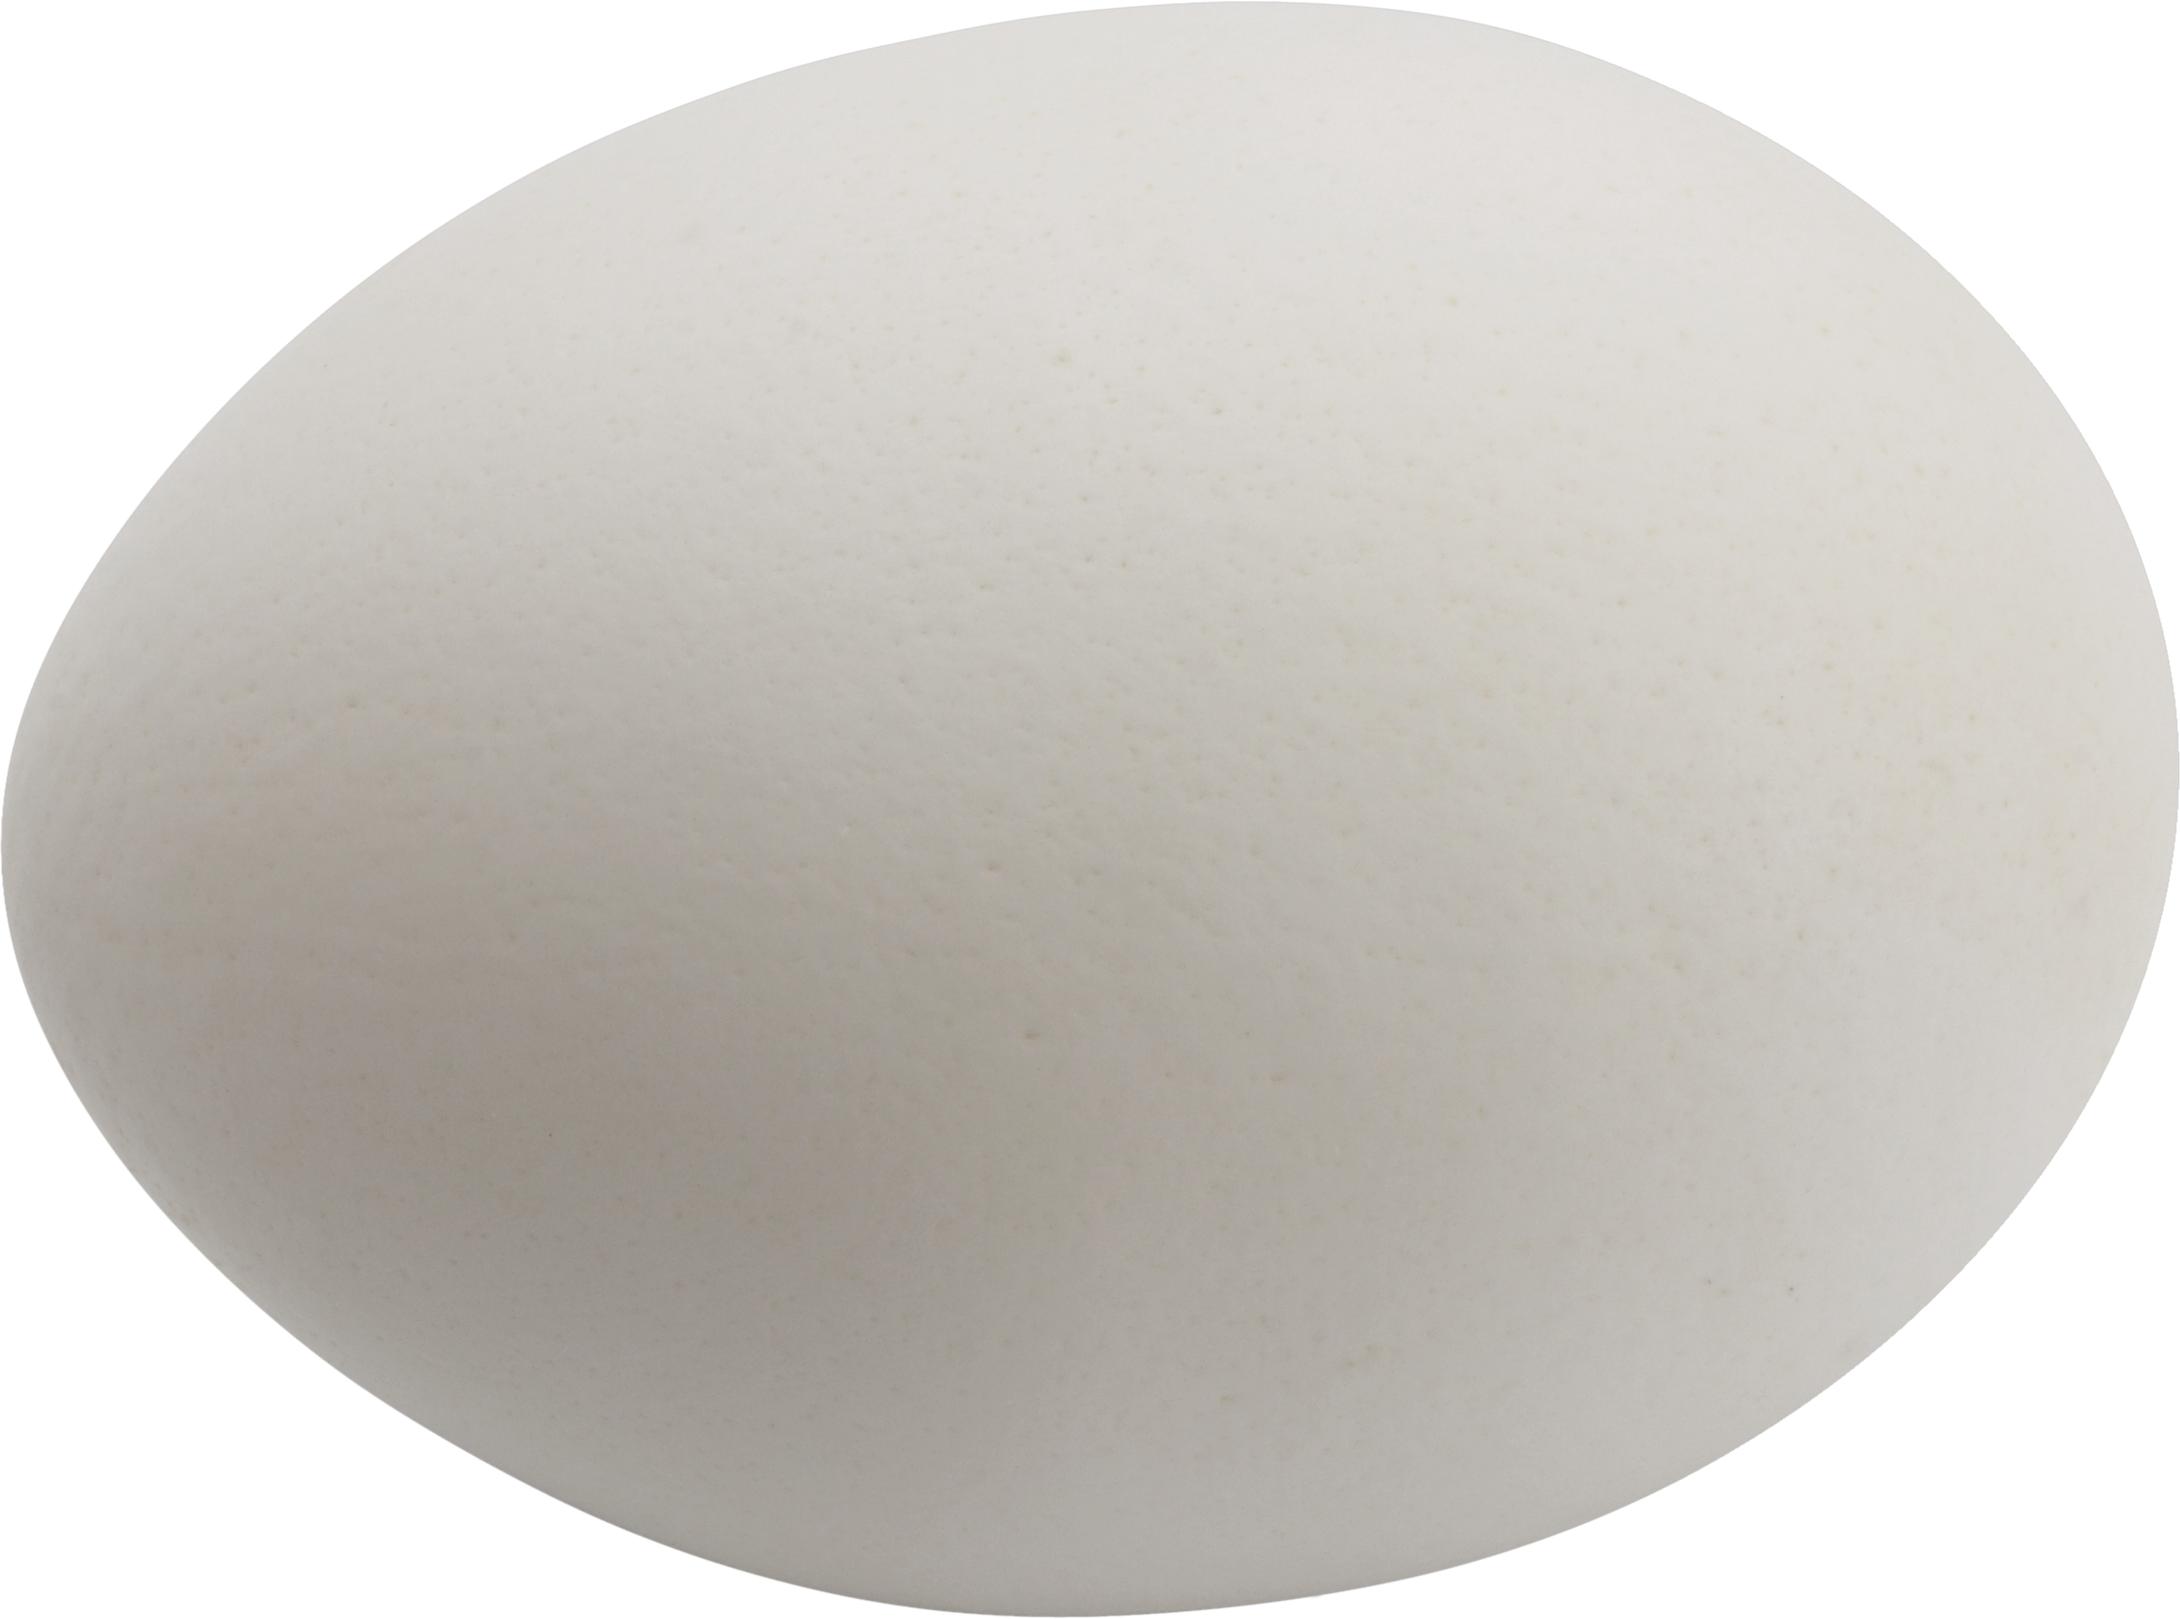 Egg HD PNG